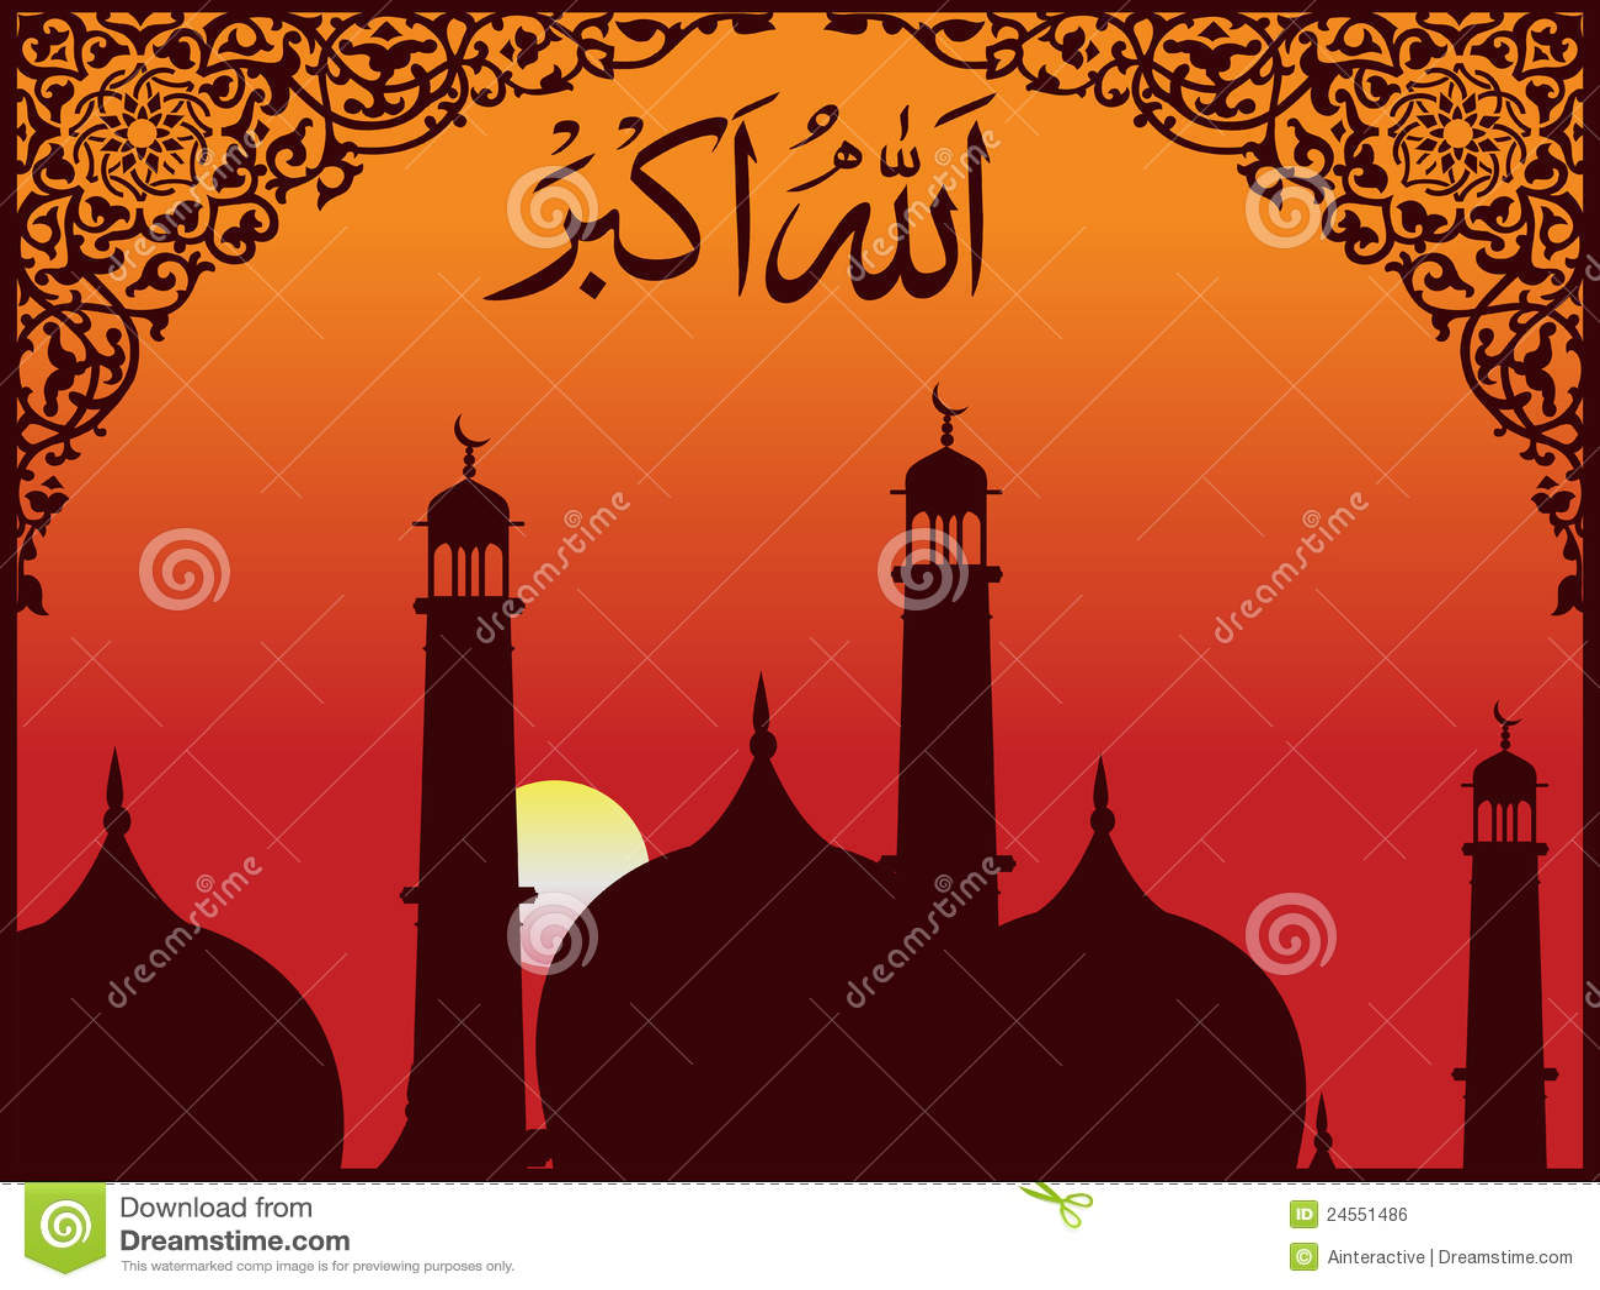 arabische islamische kalligraphie von allah o akbar stockfoto bild von gl hen sch n 24551486. Black Bedroom Furniture Sets. Home Design Ideas